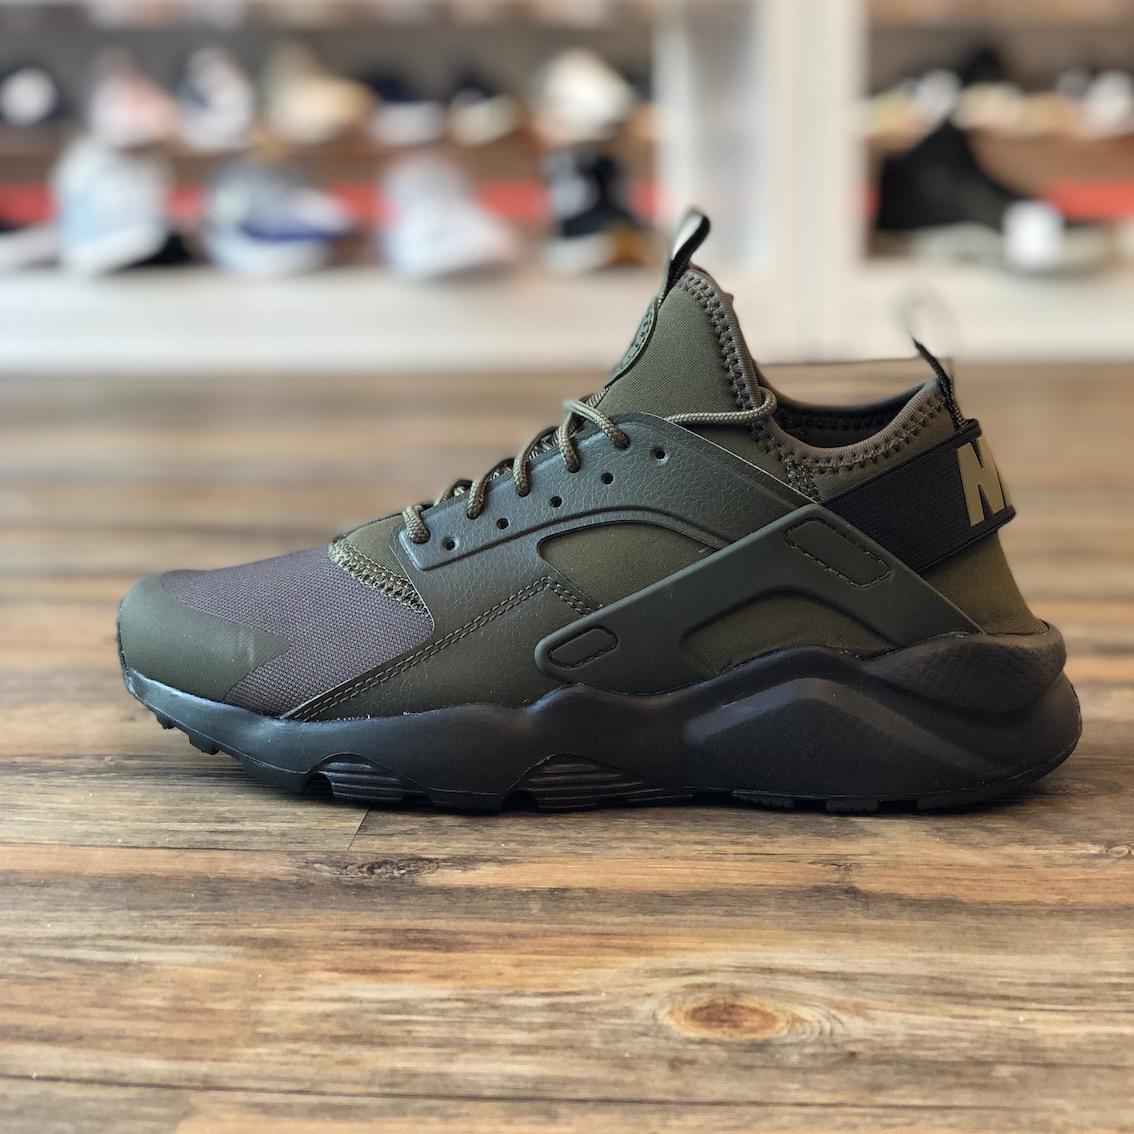 Nike Air Huarache Run Ultra Gr.47,5 Running Schuhe Sneaker